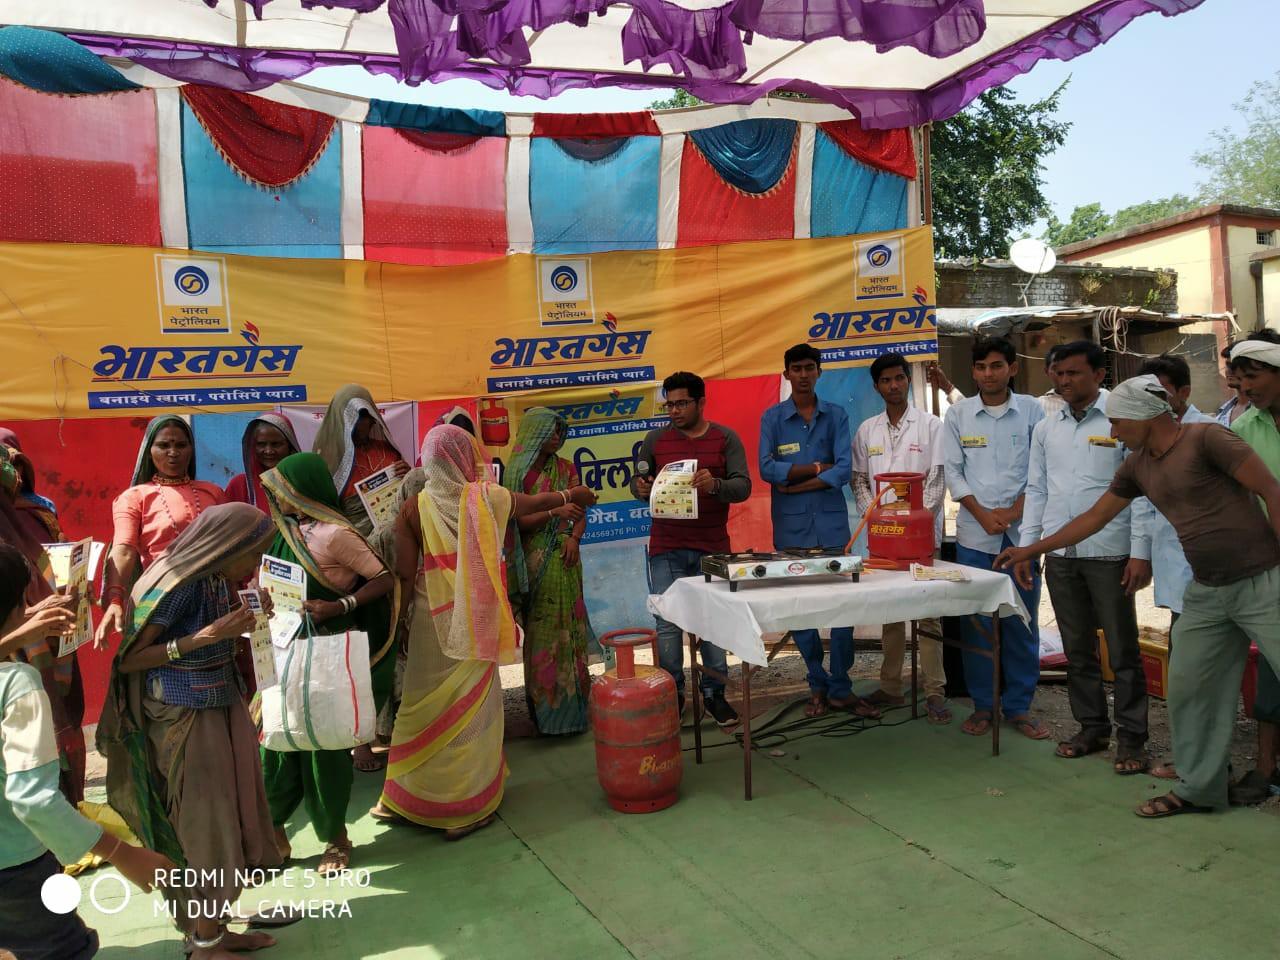 Sewa Sarthak Kalyan Samiti | LPG Panchayat